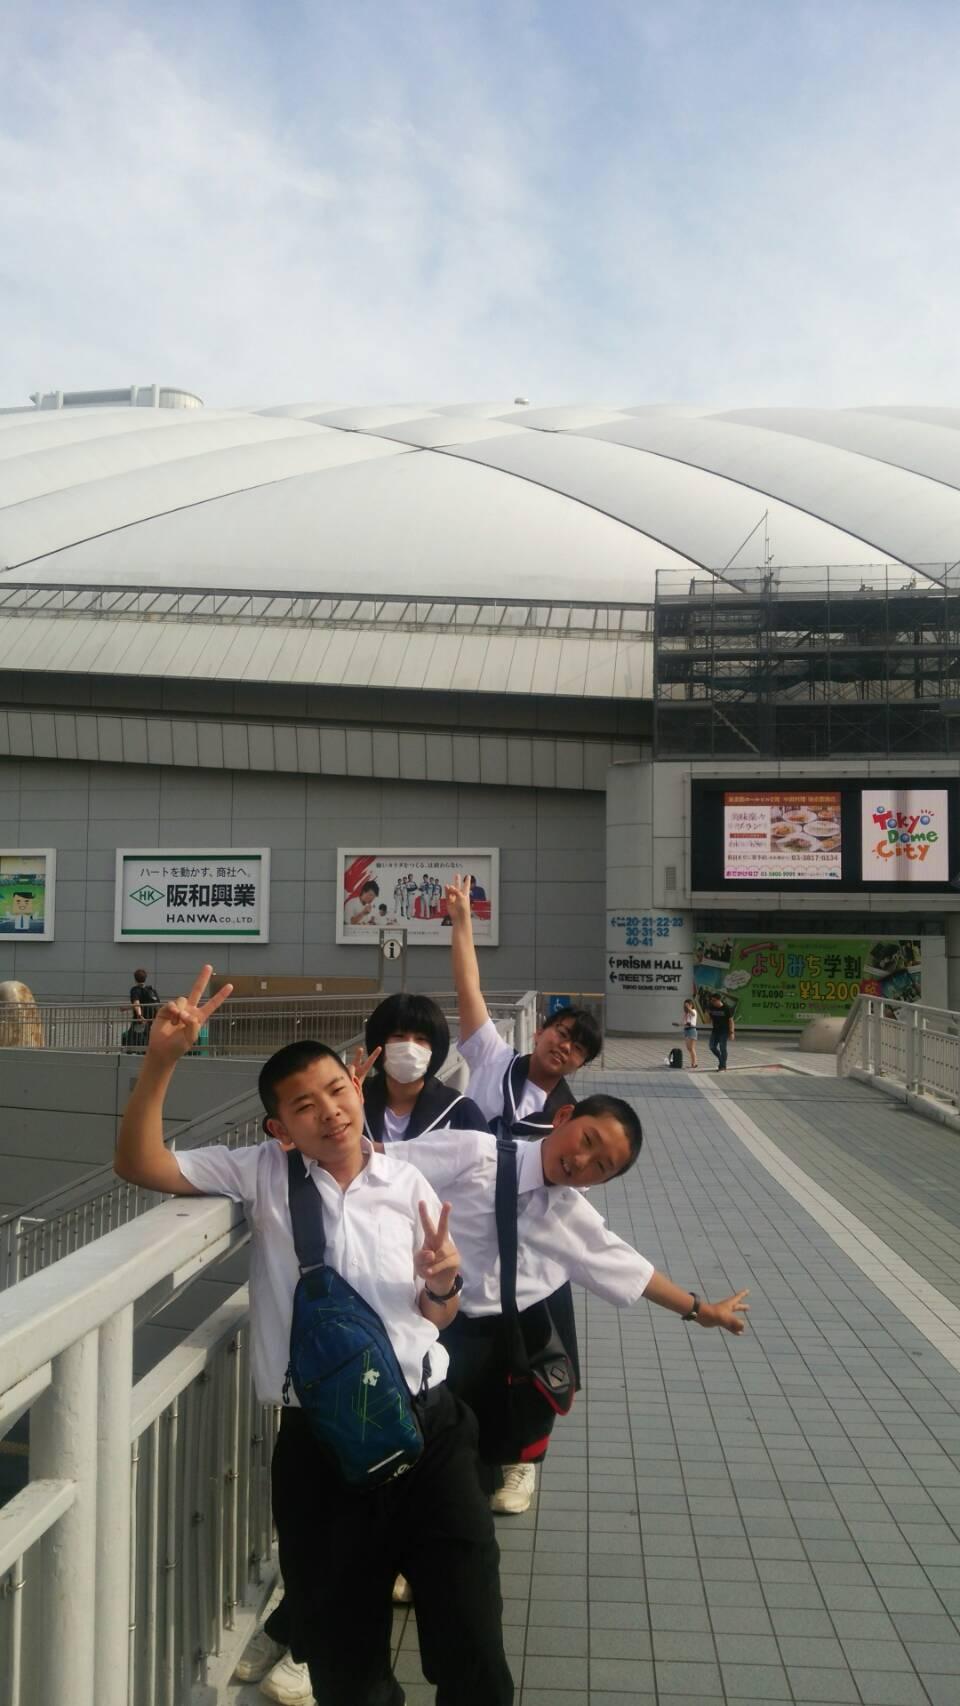 http://www.kitashitara.jp/toyone-jh/1526542158188.jpg